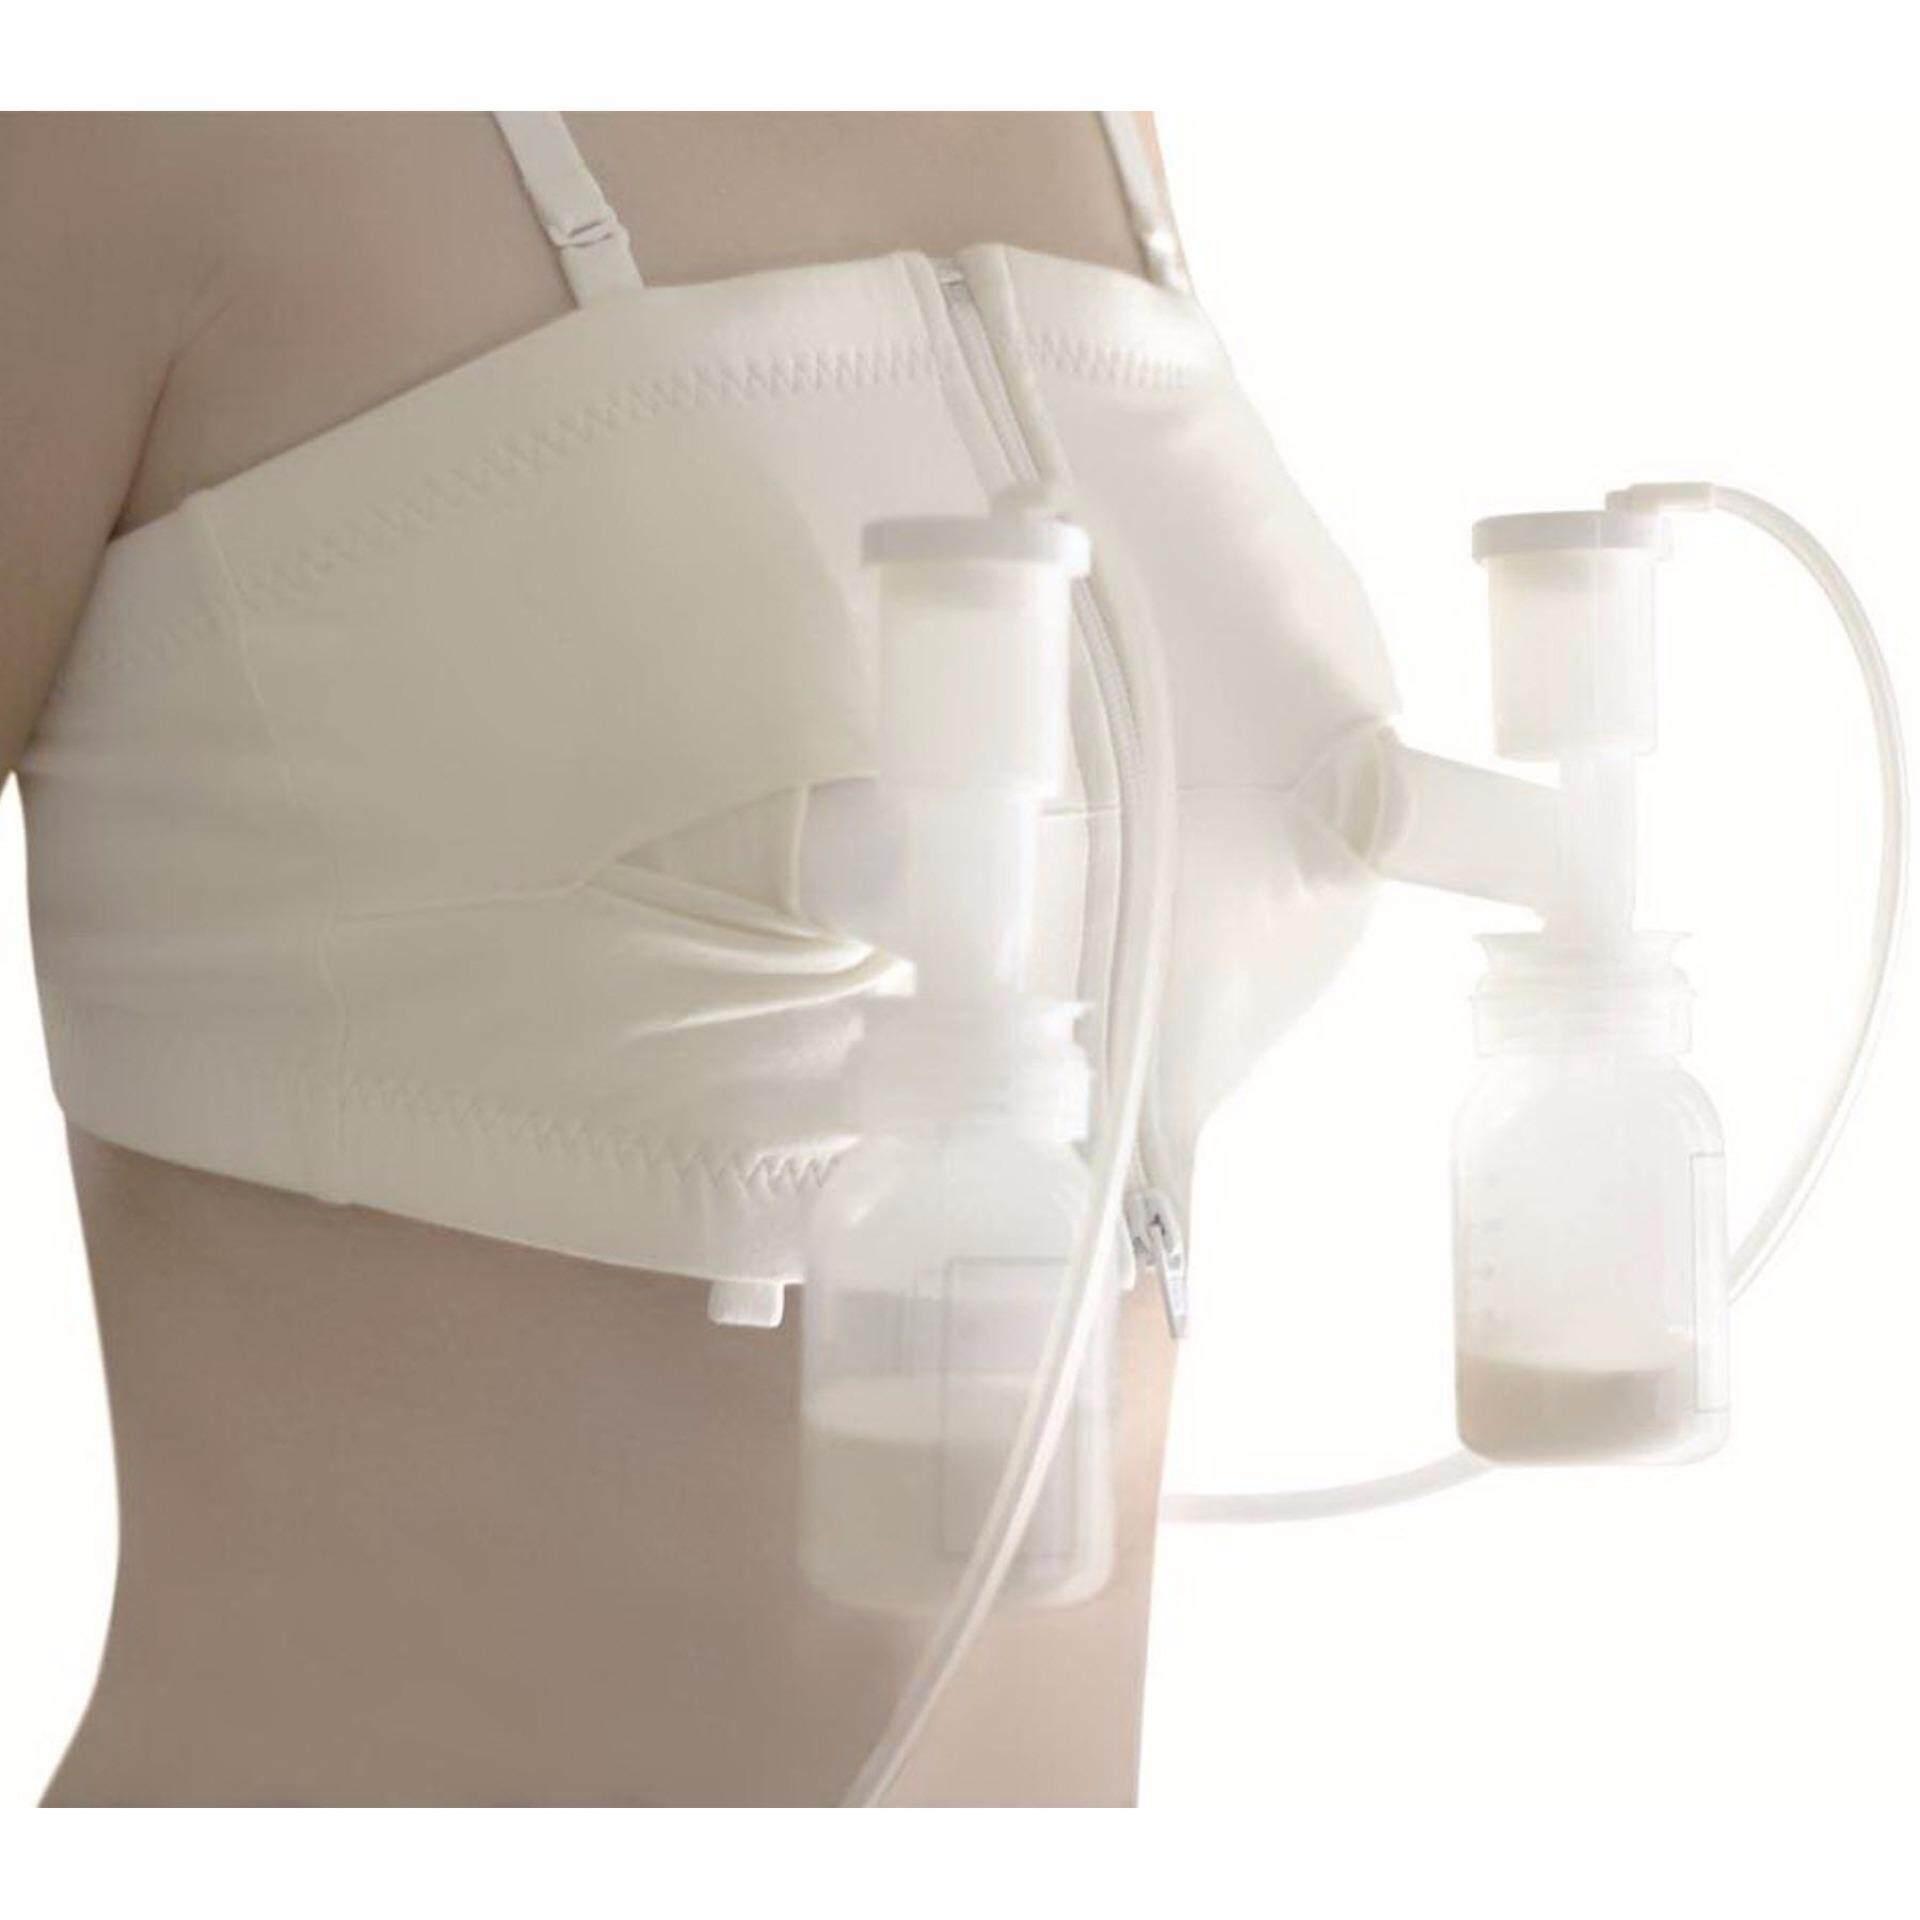 ซื้อที่ไหน Beanie Nap บราปั๊มนม Breast Pump Bra ชุดชั้นในปั๊มนม เสื้อในปั๊มนม เสื้อชั้นในปั๊มนม | Babyfirst